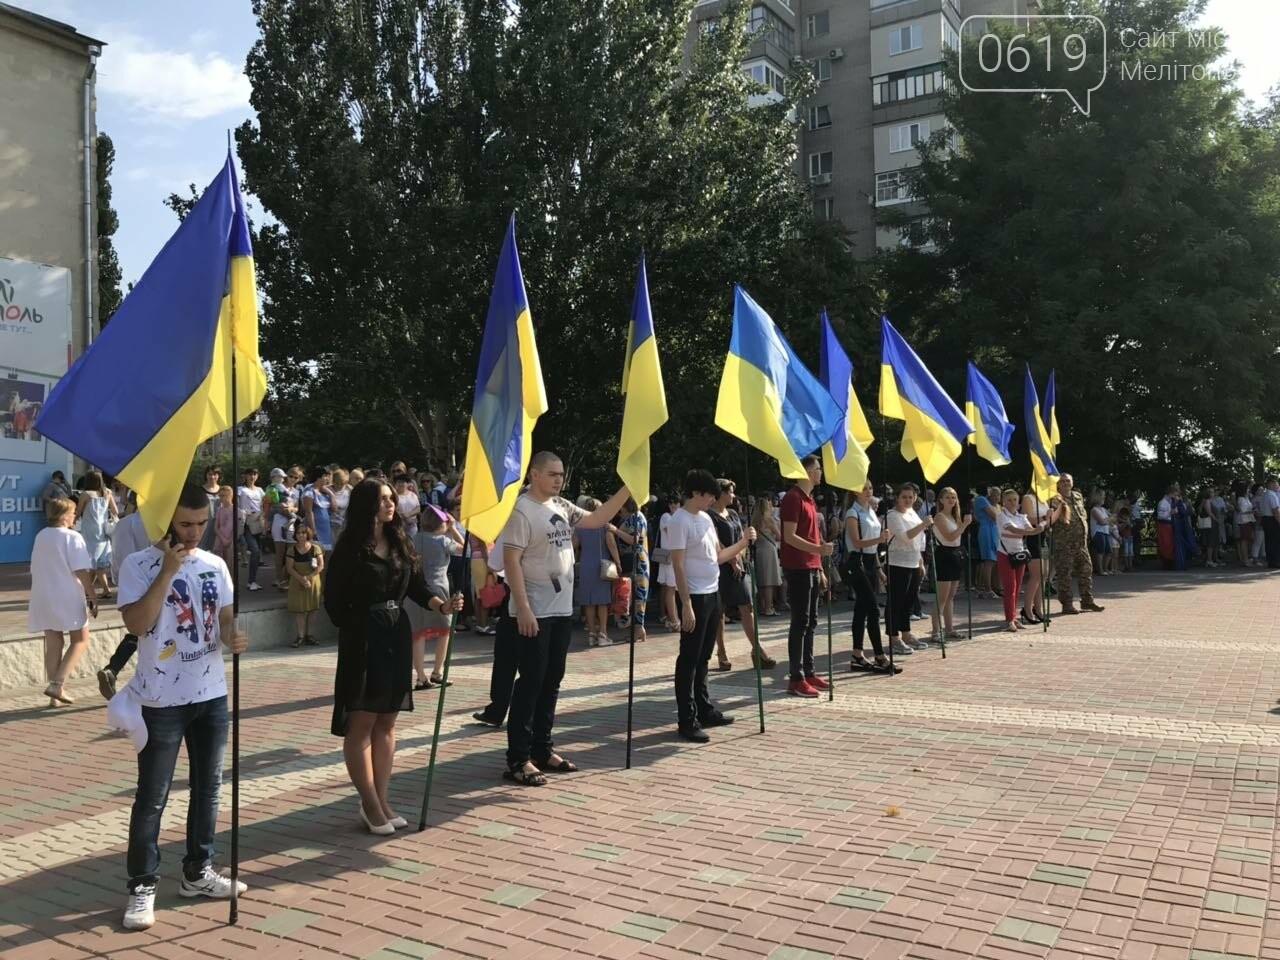 Мелитопольцы отметили День Государственного флага Украины, фото-3